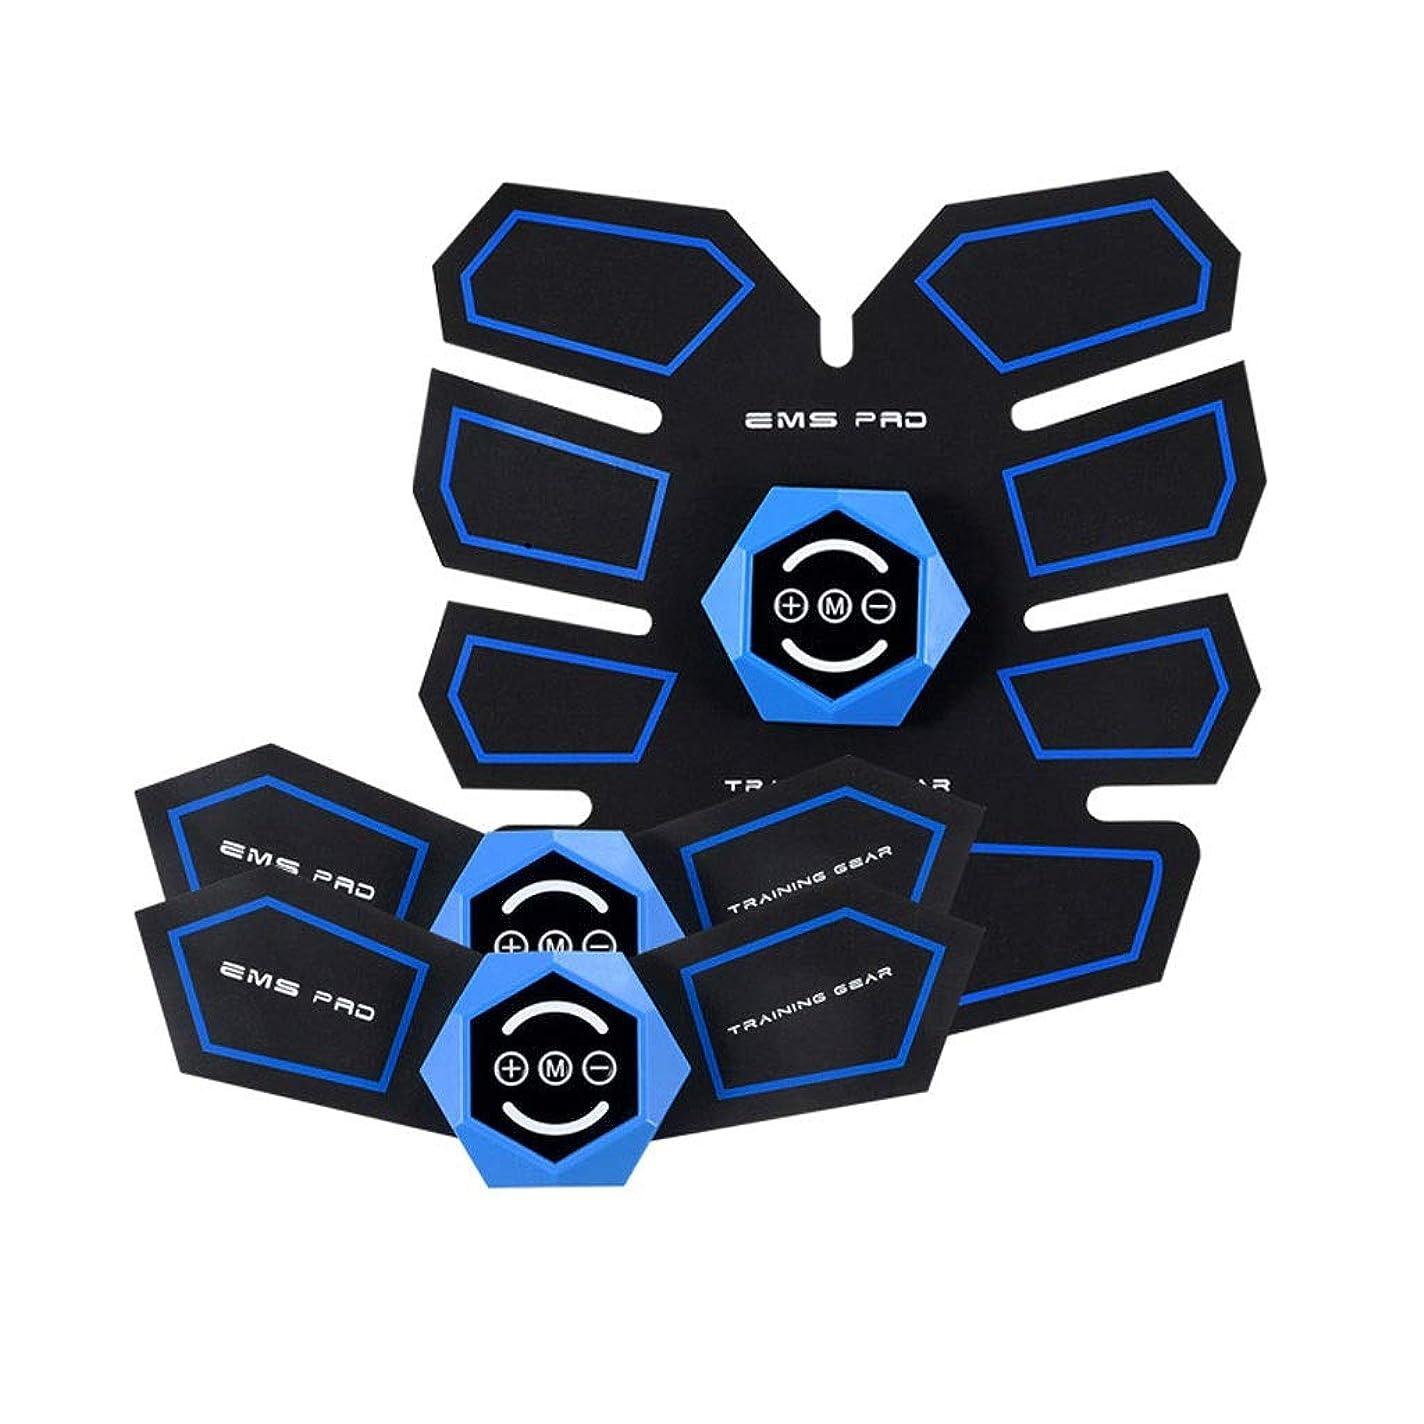 切断するセントなくなるABSトレーナーEMS腹部電気マッスルスティミュレーター筋肉トナー調色ベルトフィットネストレーニングギアABSエクササイズマシンウエストトレーナーホームワークアウトフィットネス (Size : B)